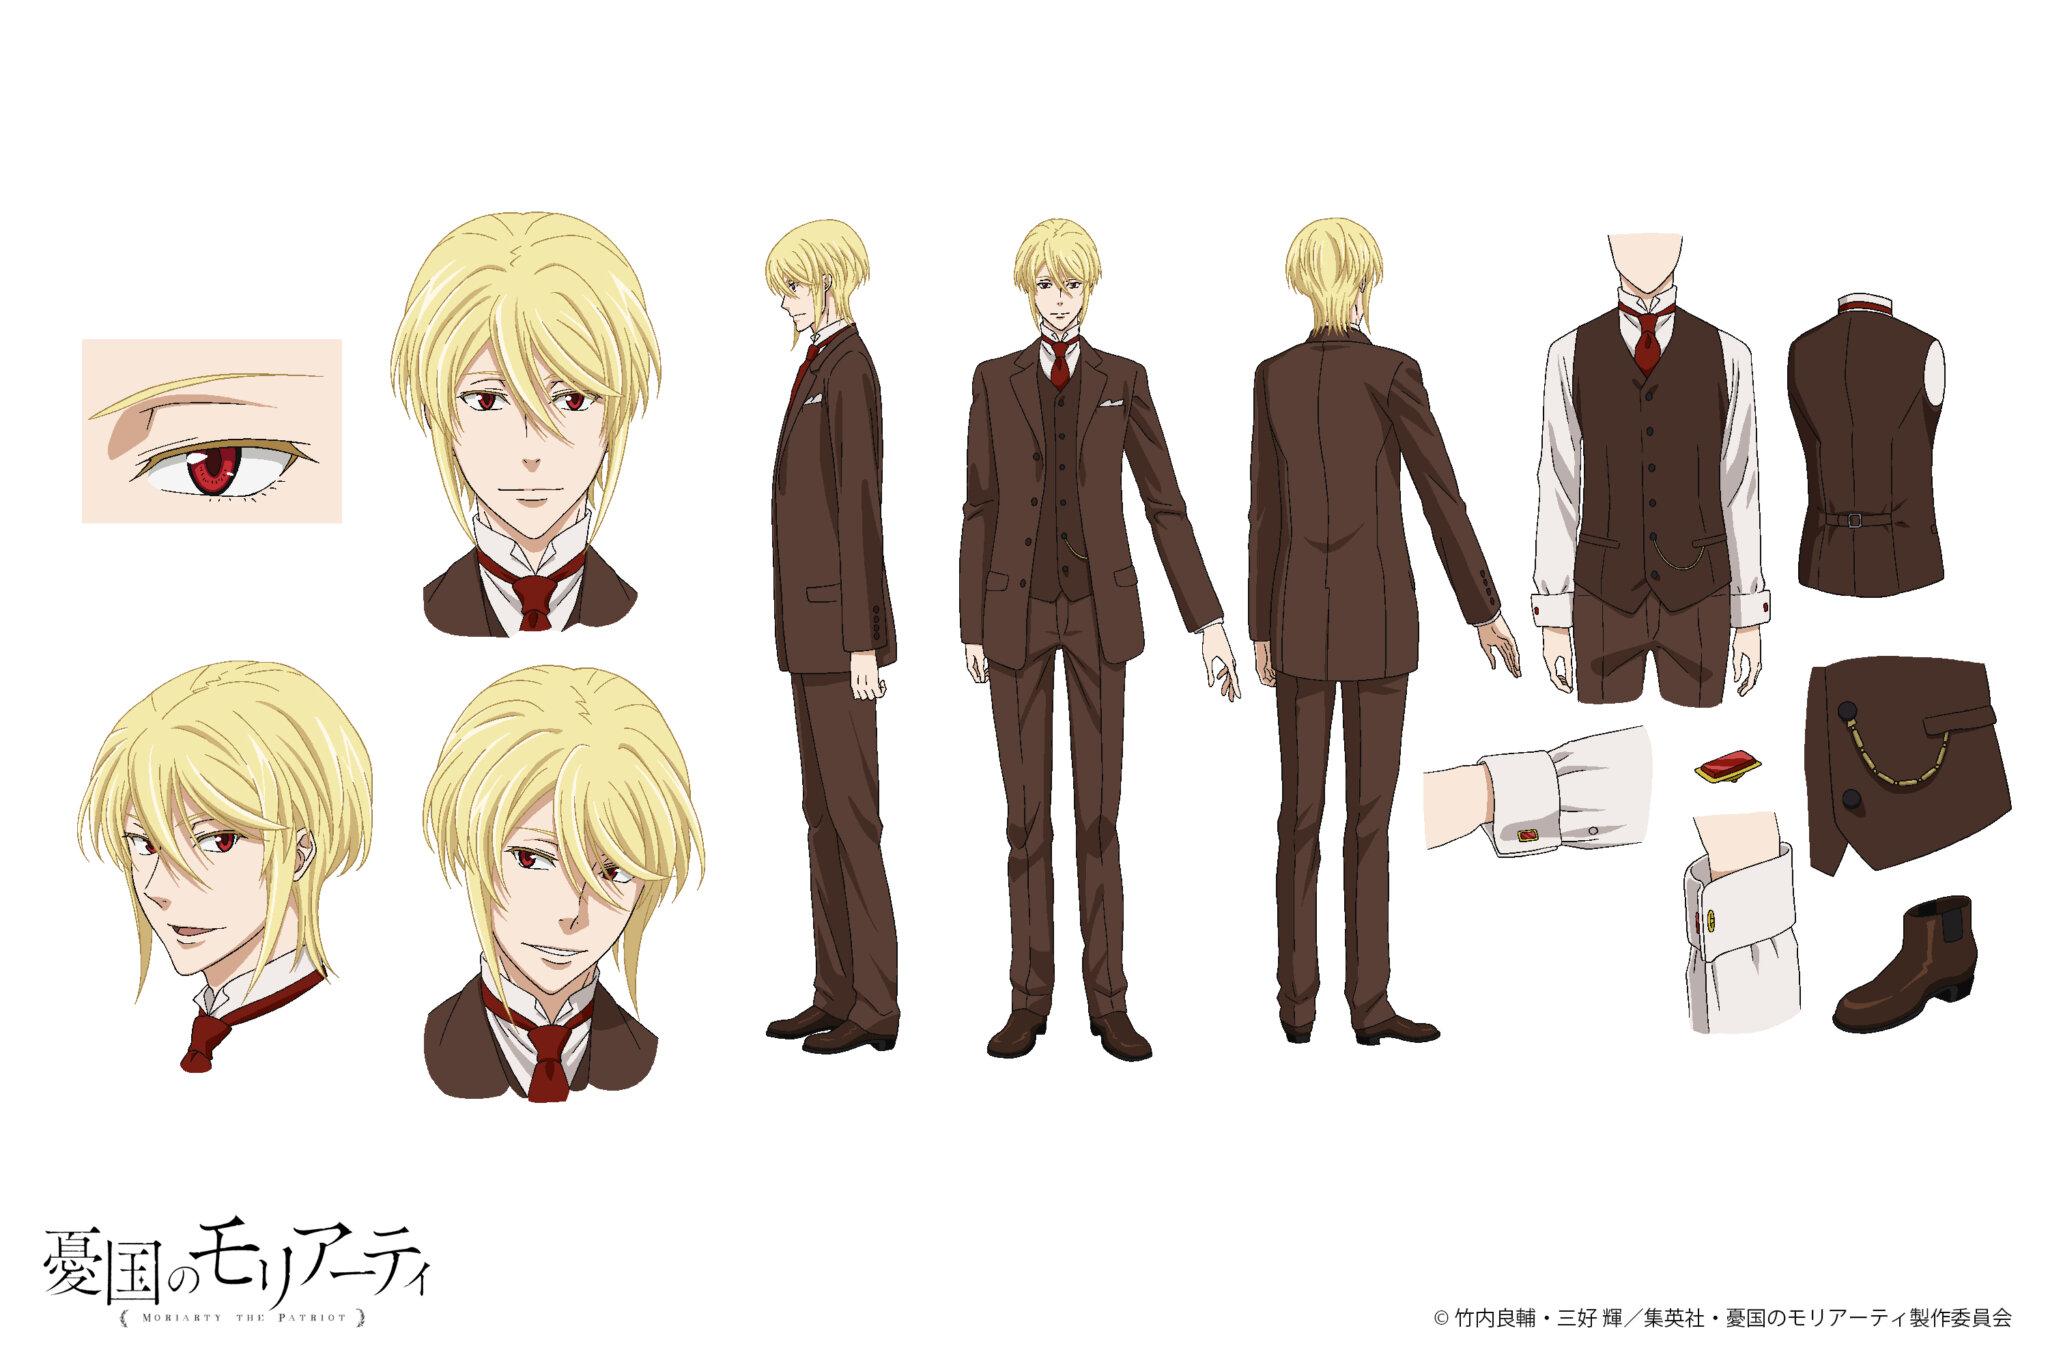 TVアニメ『憂国のモリアーティ」詳細キャラ設定画公開!モリアーティ兄弟のカフスボタンめっちゃイイ